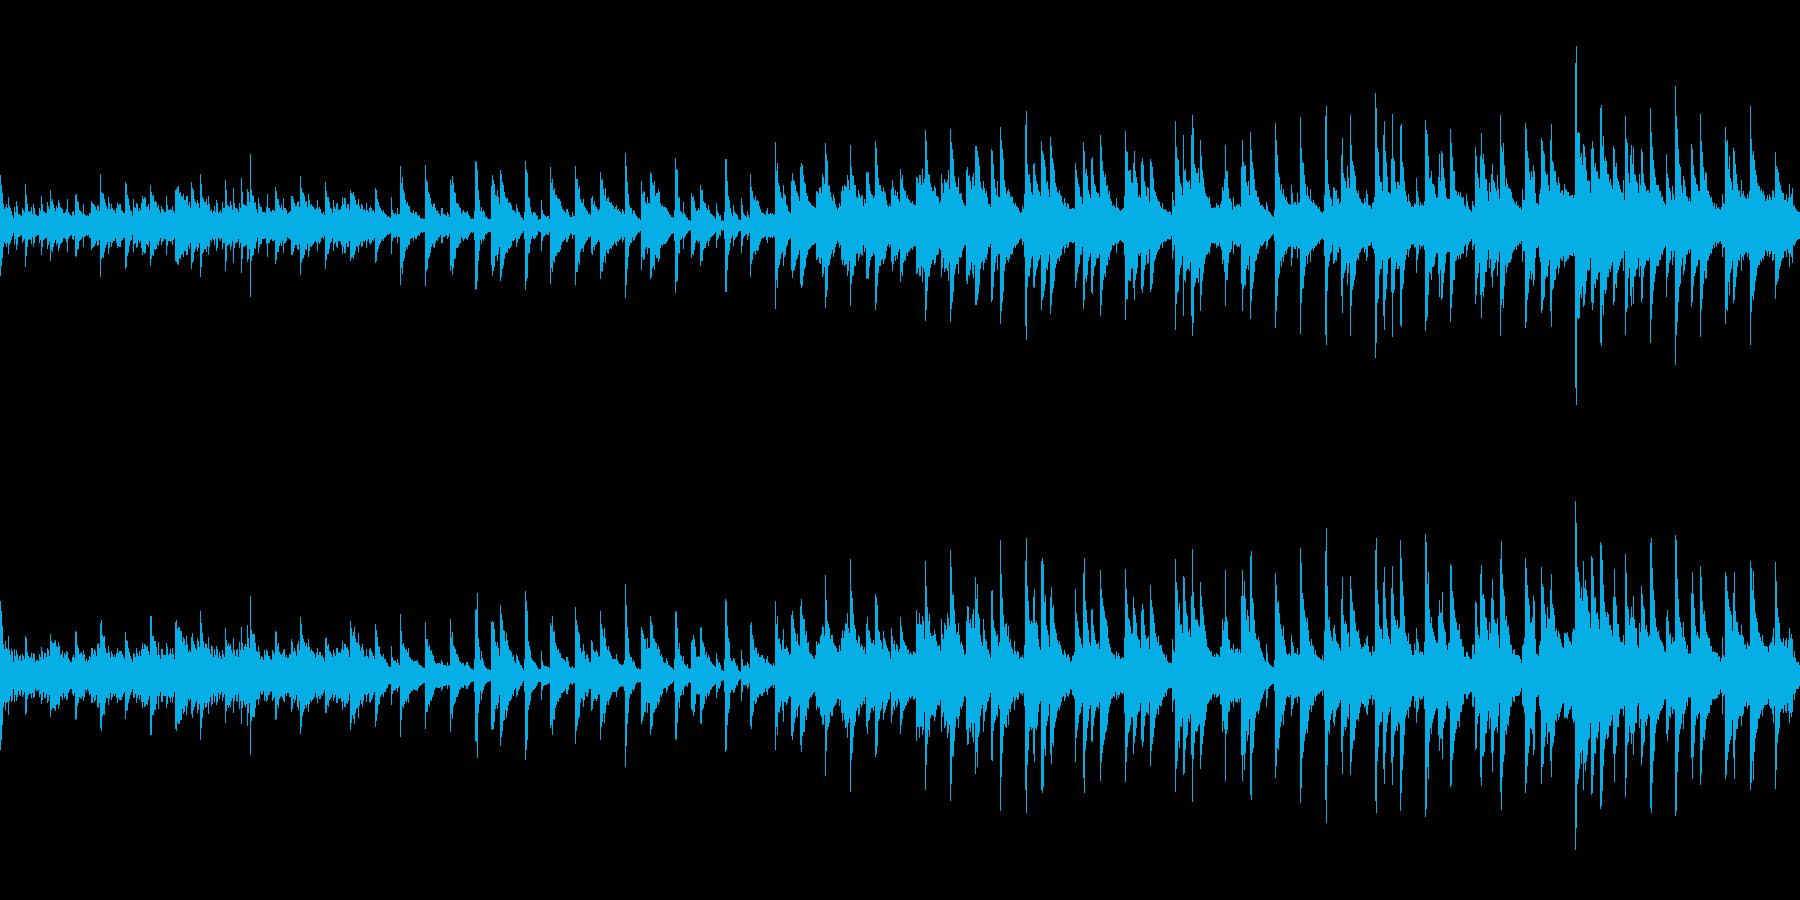 夏終わりかけの悲しさ (ループ仕様)の再生済みの波形